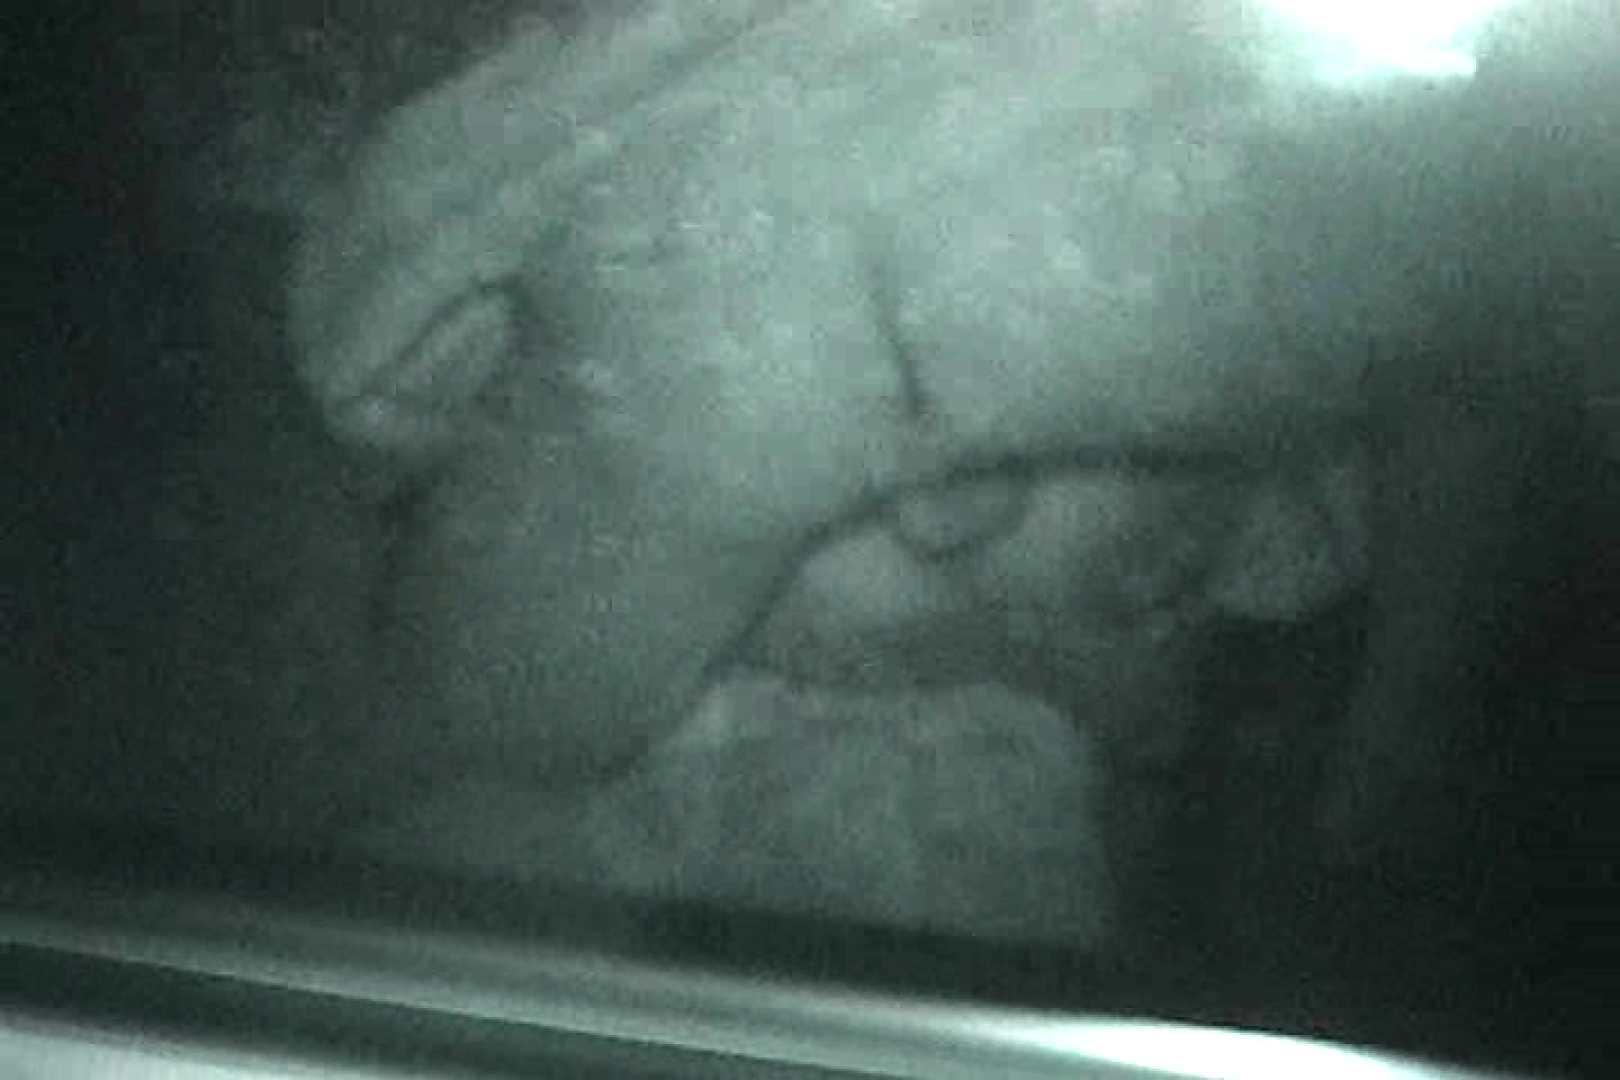 充血監督の深夜の運動会Vol.13 エロティックなOL  60画像 24